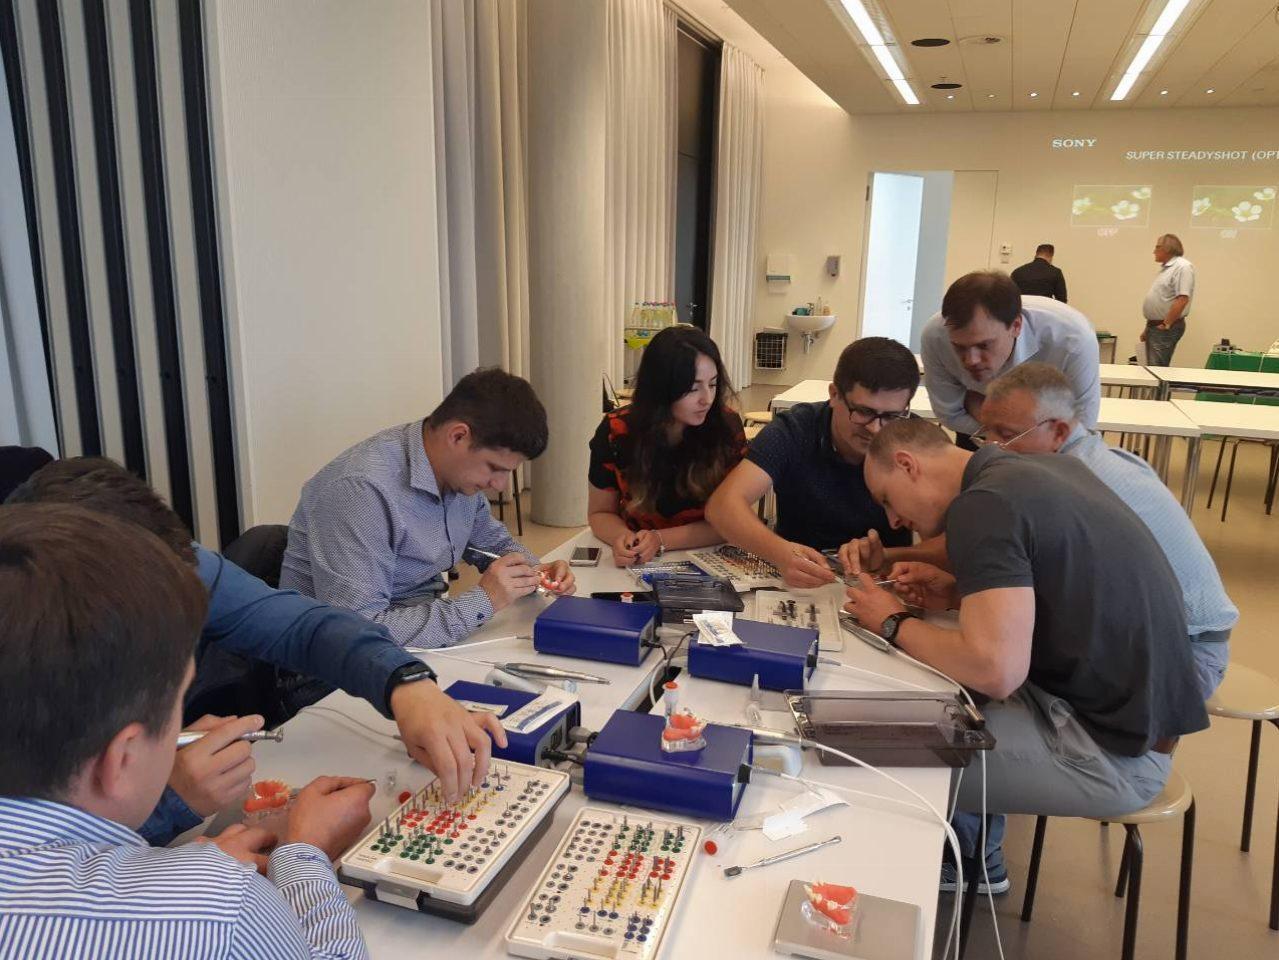 Українські лікарі з відомим лектором обговорювали дизайн імплантатів та  вибір плану лікування для досягнення найкращого результату. 0f4c367e38e6a